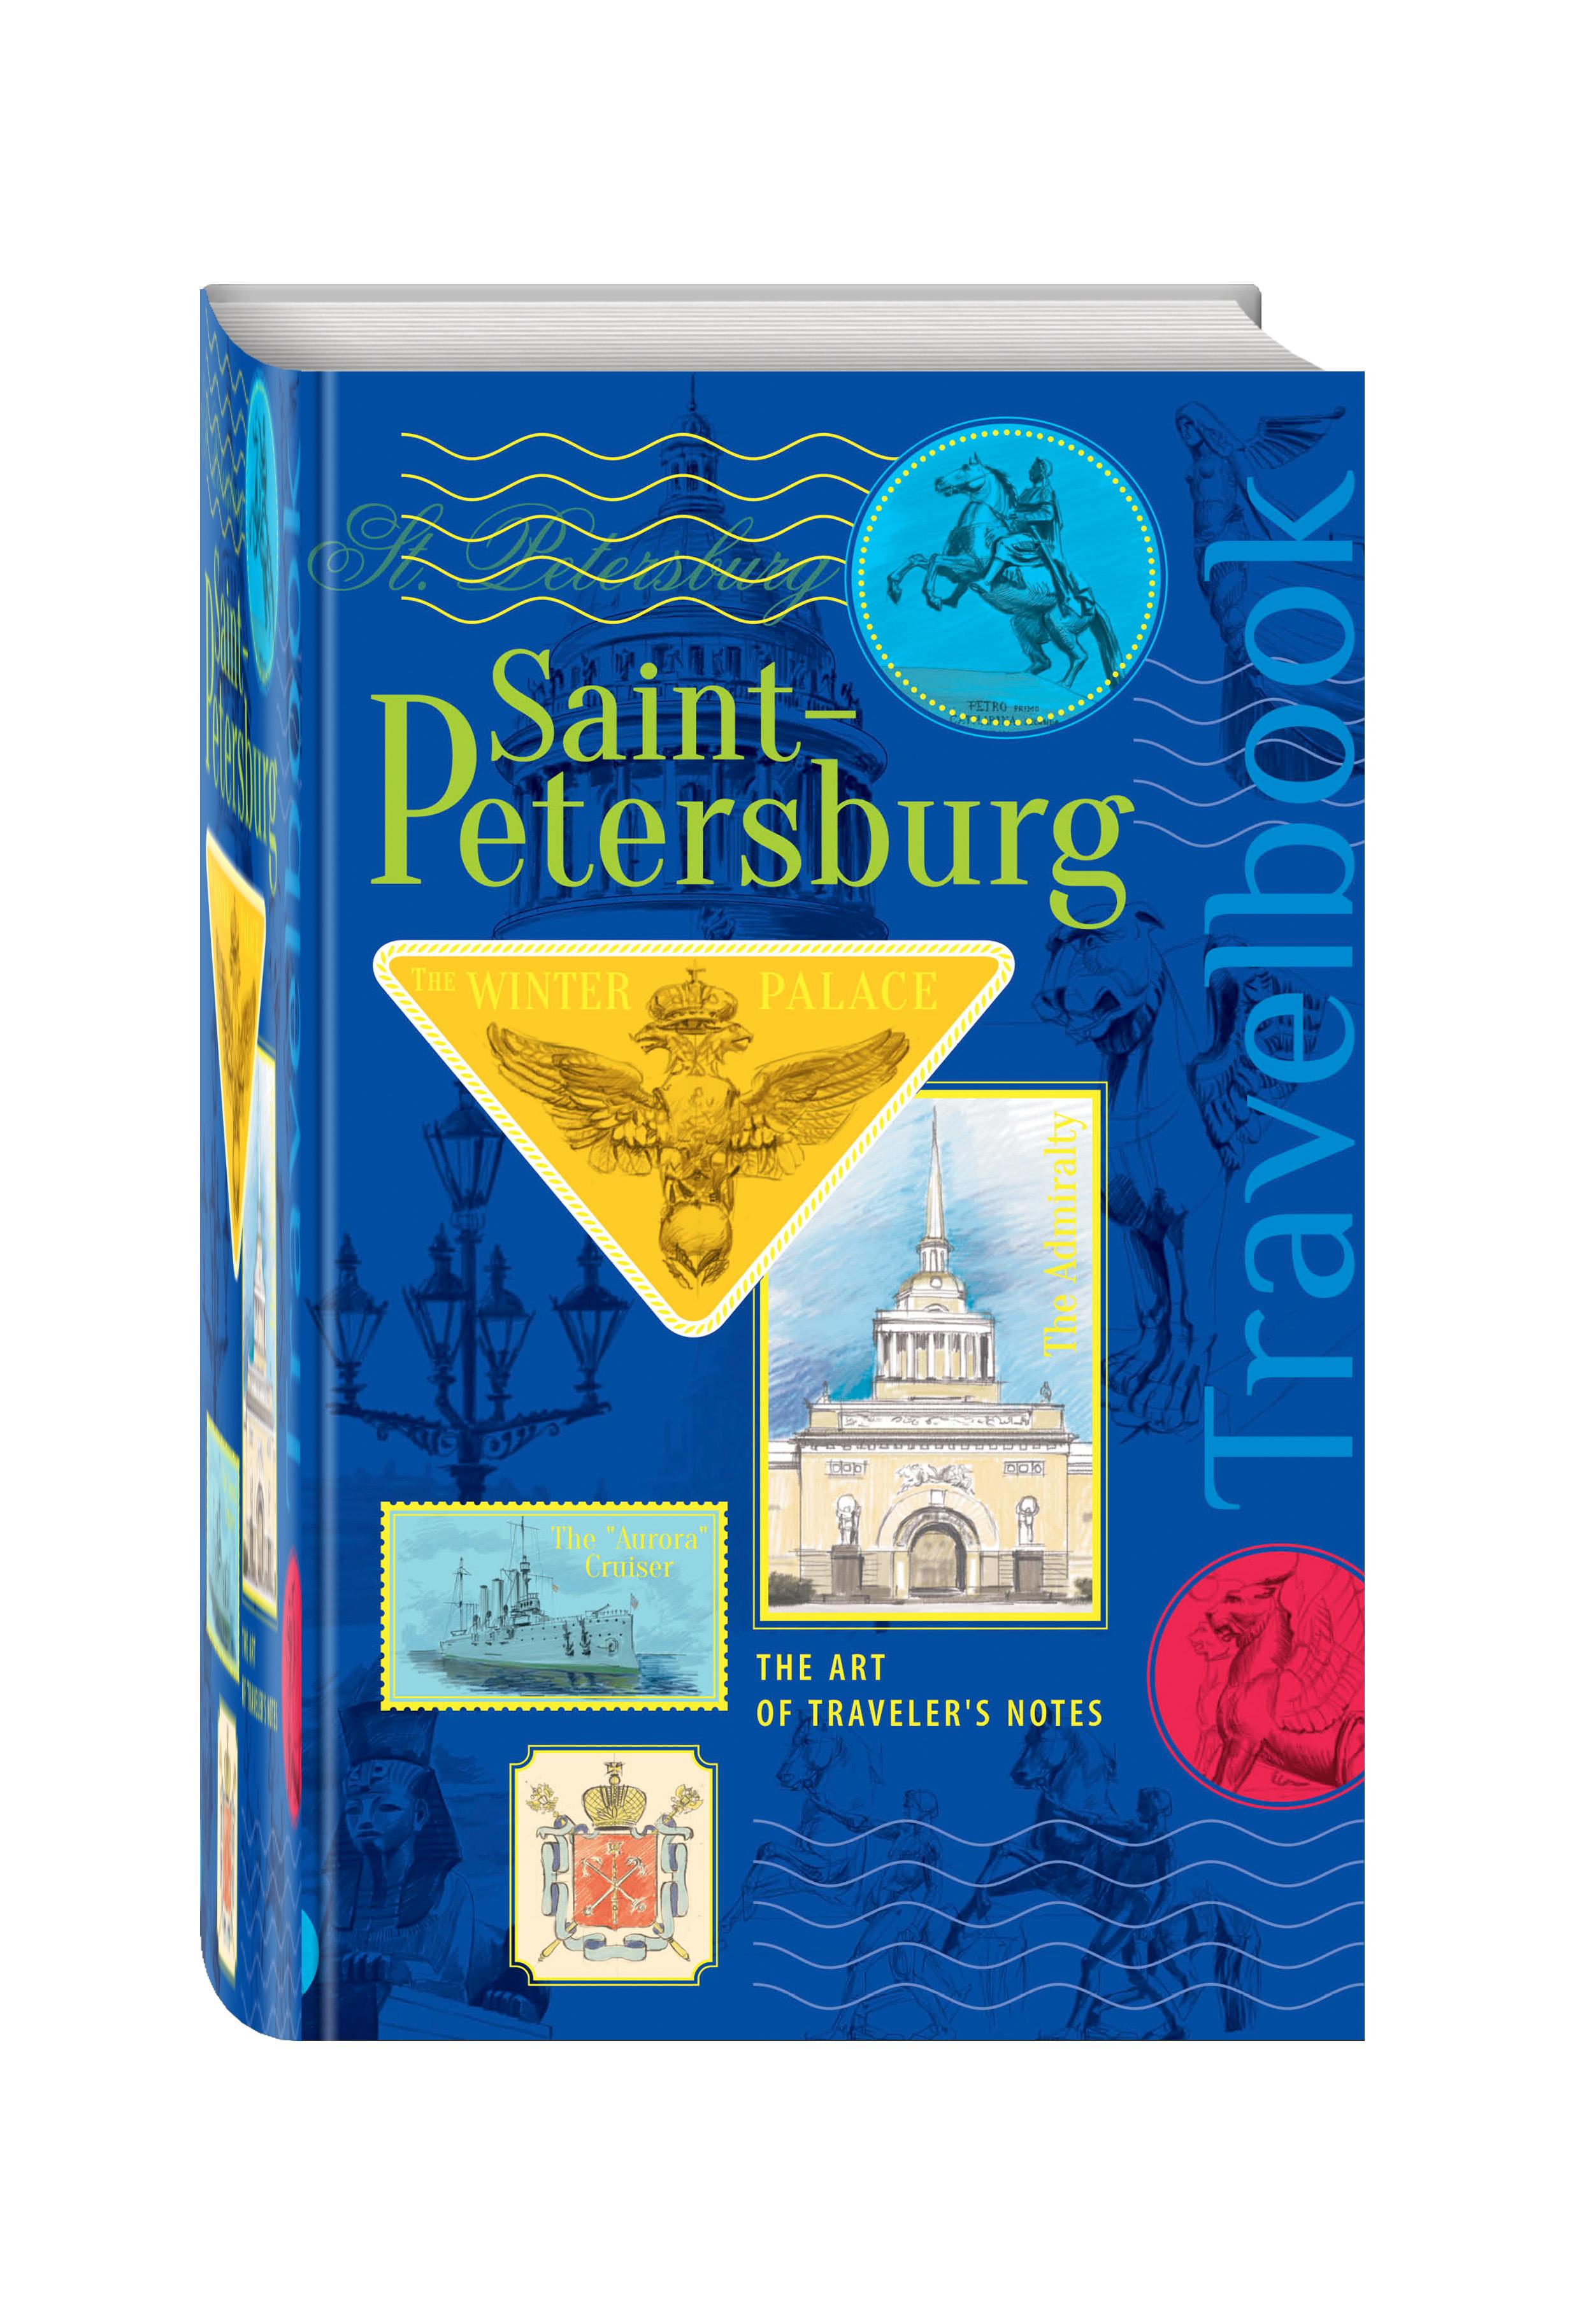 St. Petersburg. The Art of traveler's Notes Санкт-Петербург. Книга эскизов. Искусство визуальных заметок (на английском языке) (синяя обложка) art of war